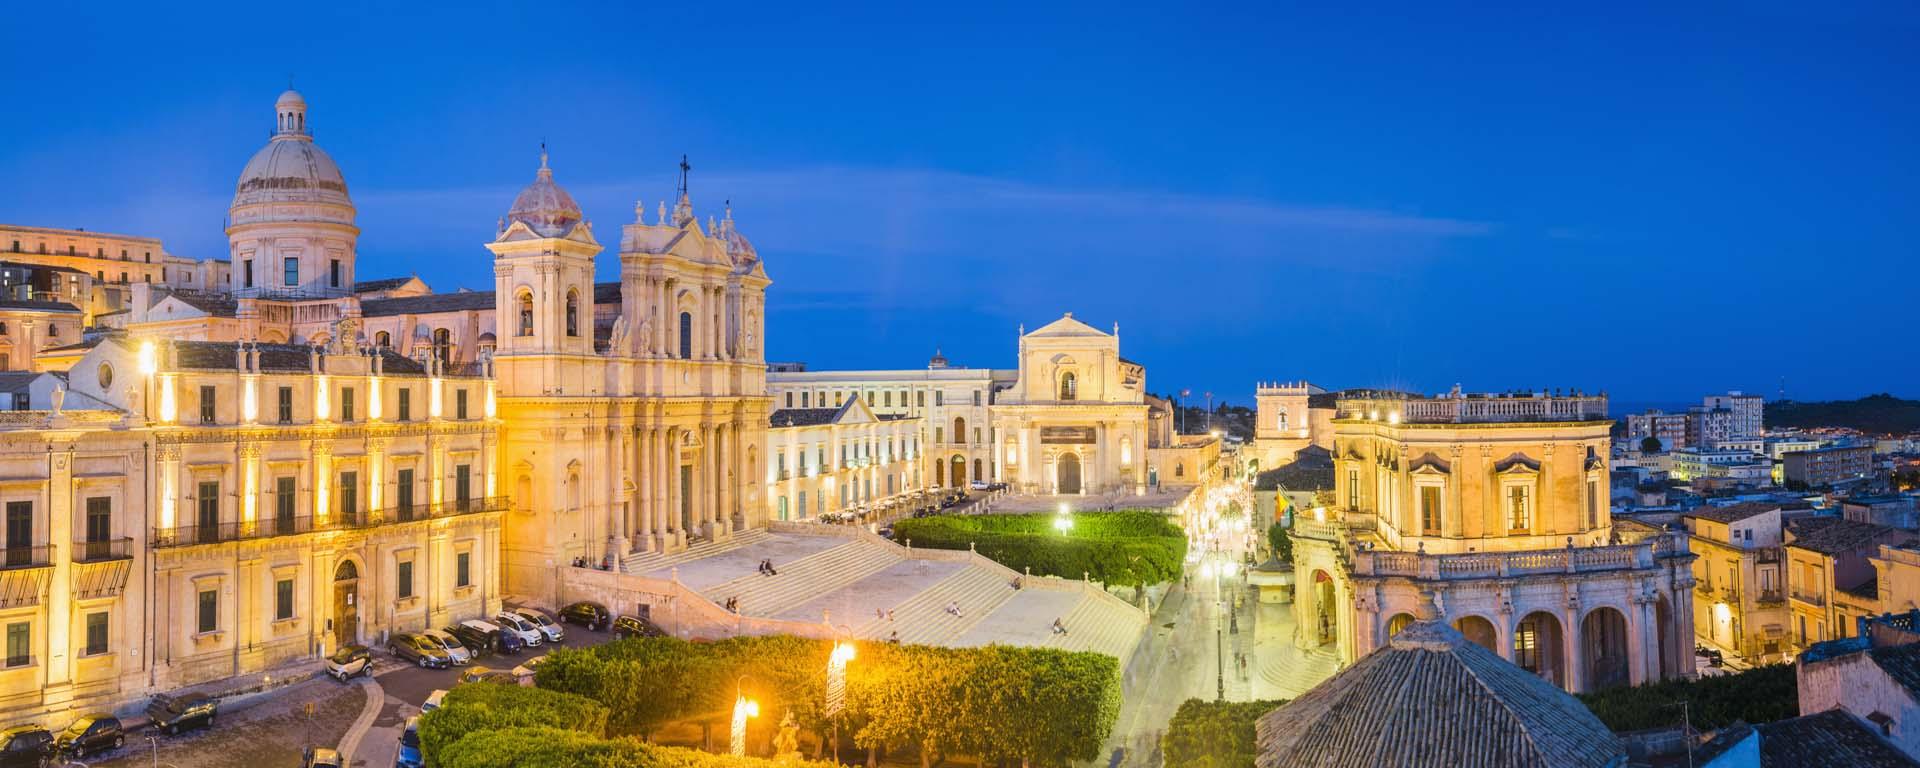 Falchi per proteggere il centro storico barocco di noto for Hotel siracusa centro storico